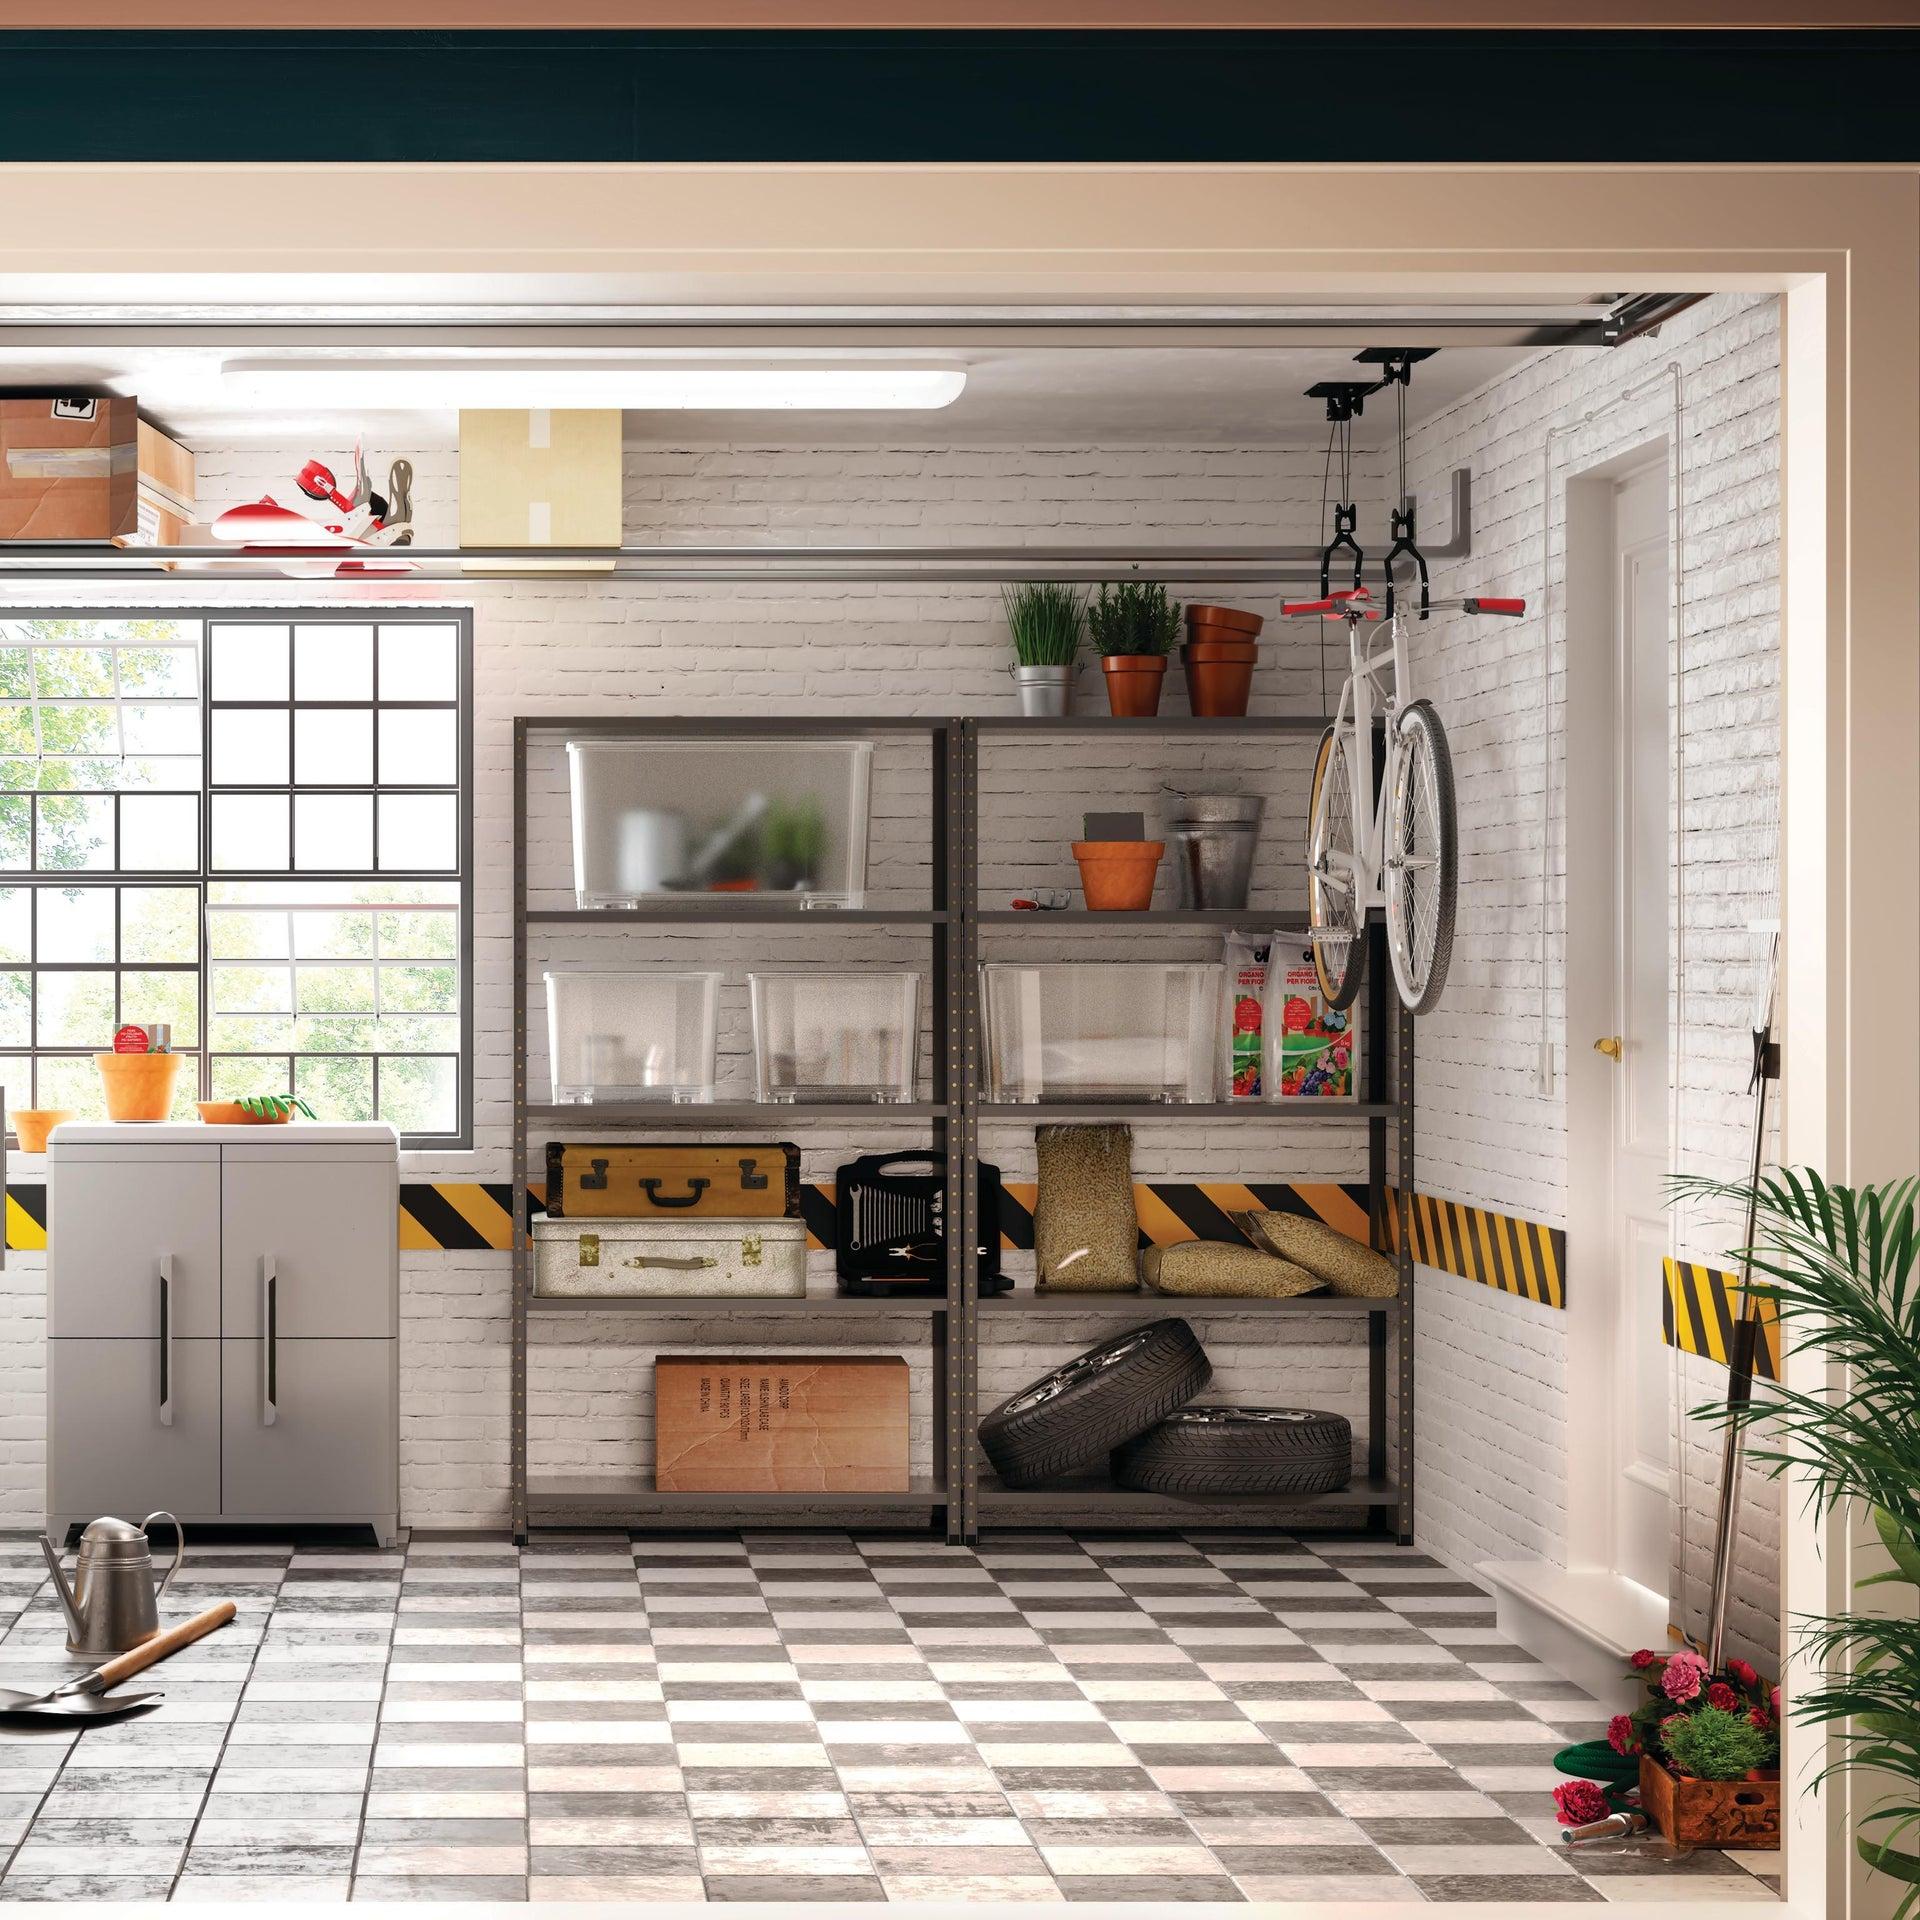 Protezione per garage in poliuretano L 100 x H 15 cm multicolore - 6